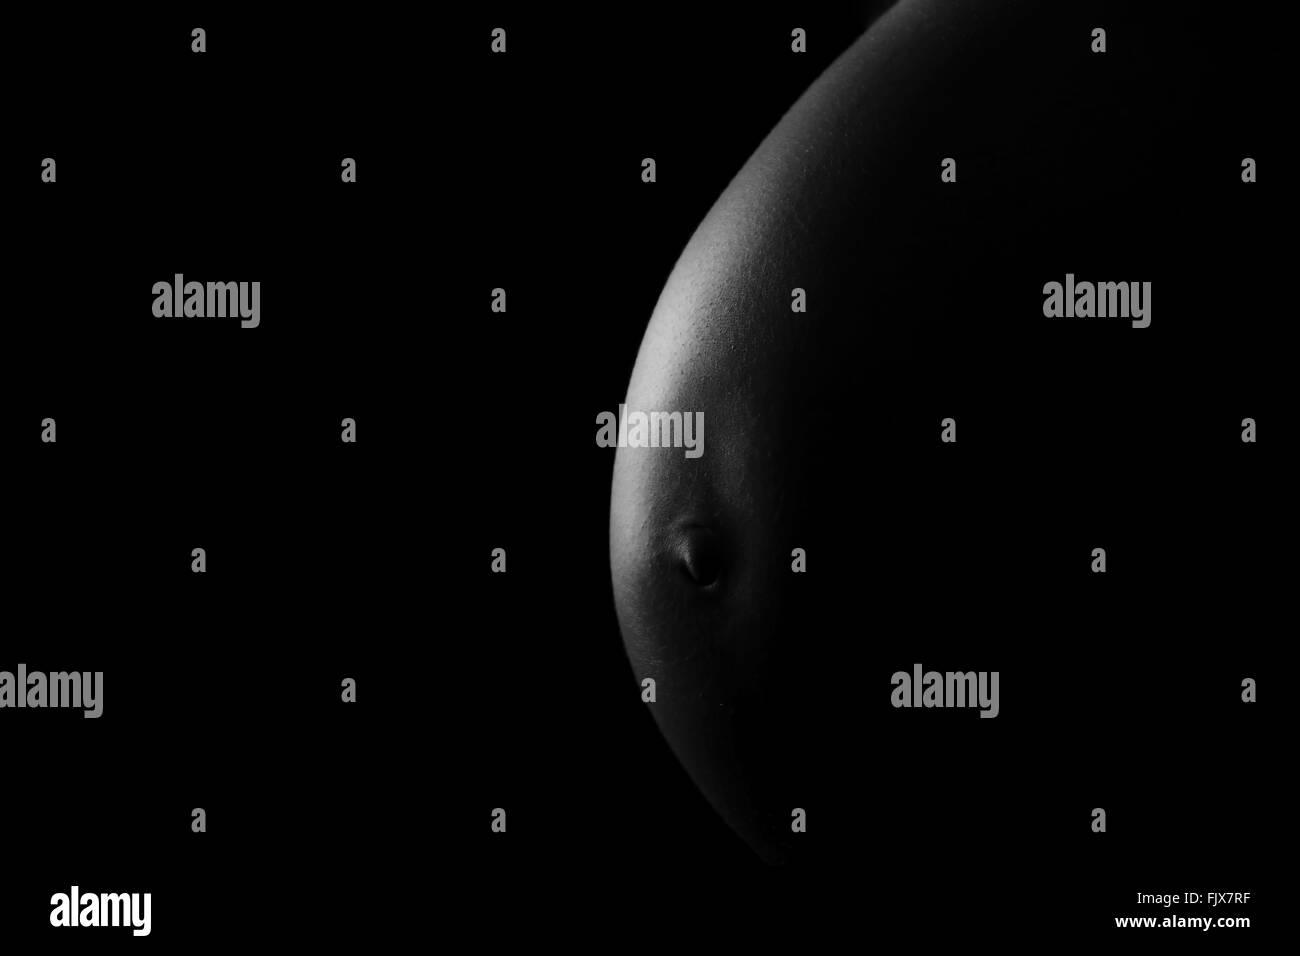 Mittelteil der schwangeren Frau auf schwarzem Hintergrund Stockbild